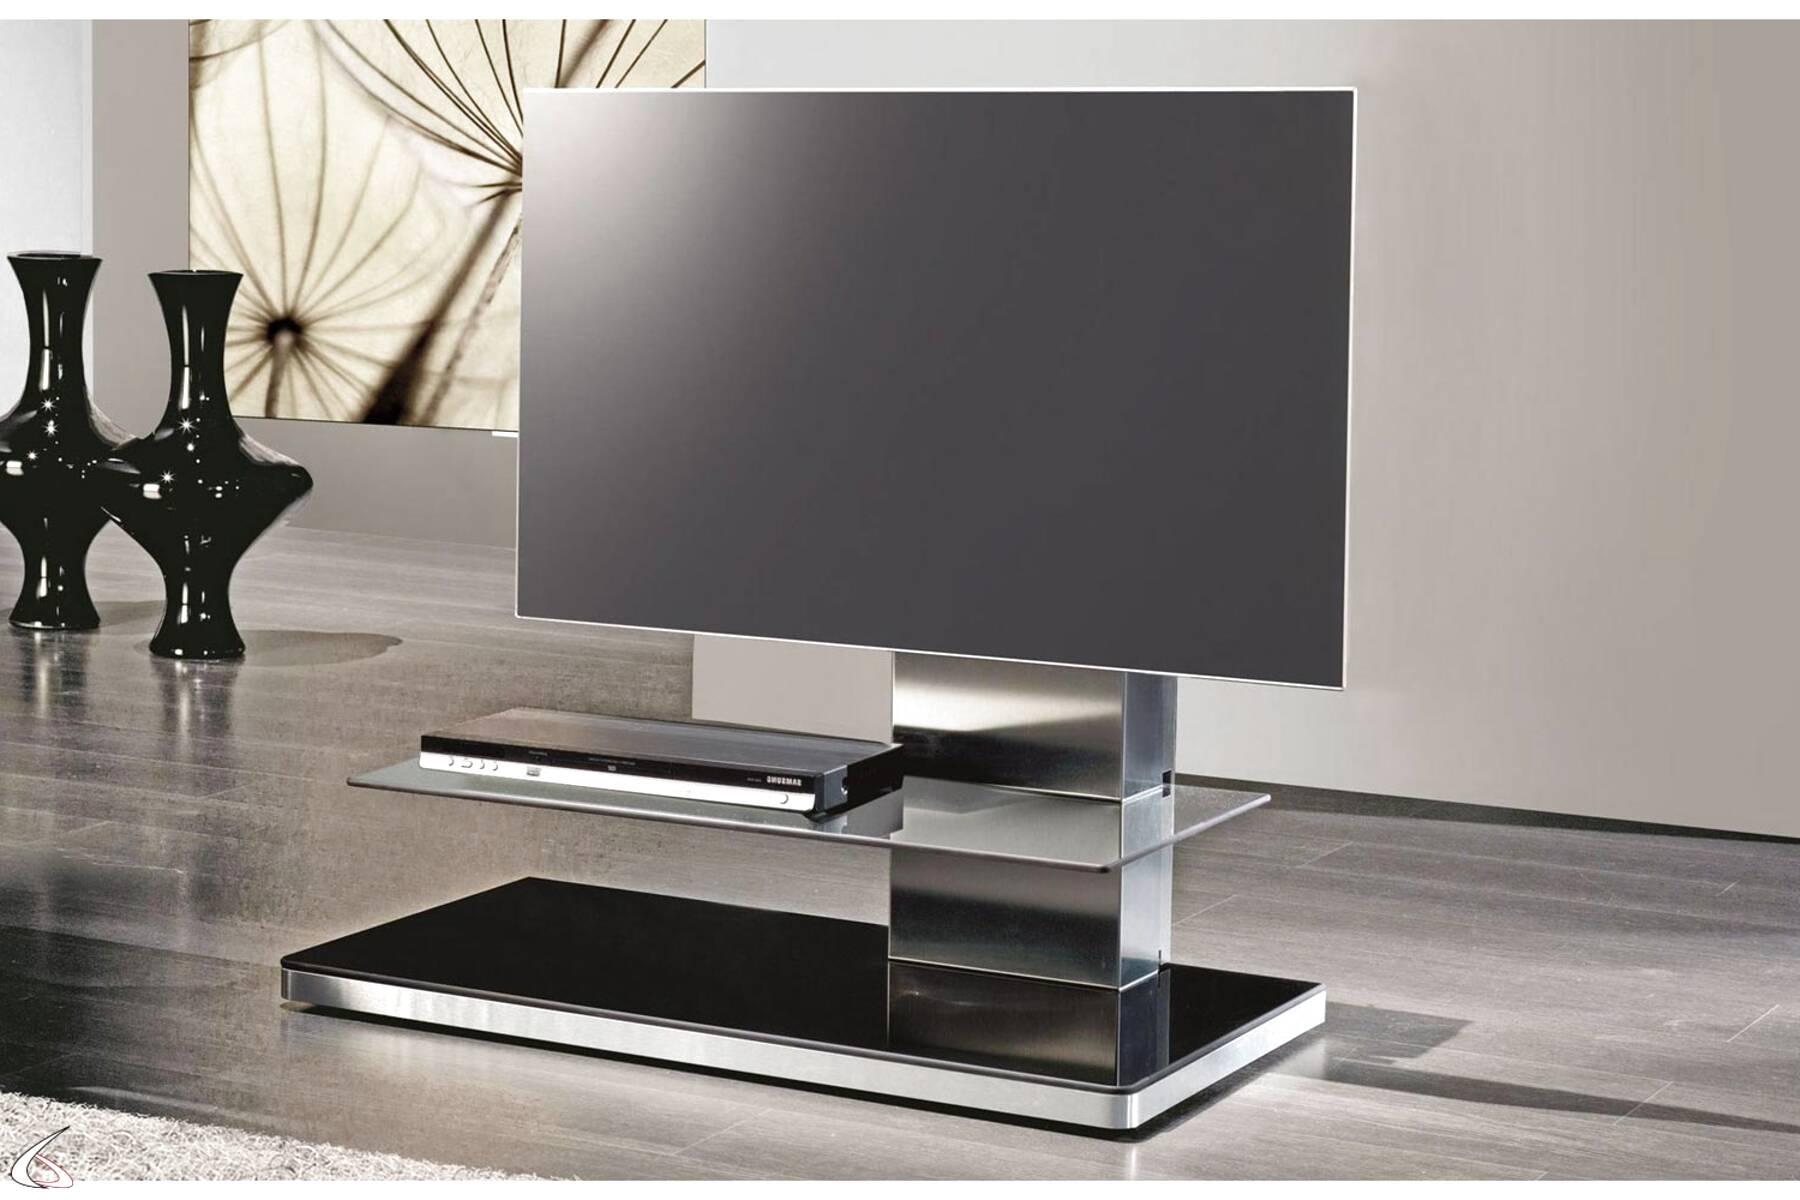 Porta Tv Munari Miglior Prezzo.Porta Tv Munari Usato In Italia Vedi Tutte I 45 Prezzi